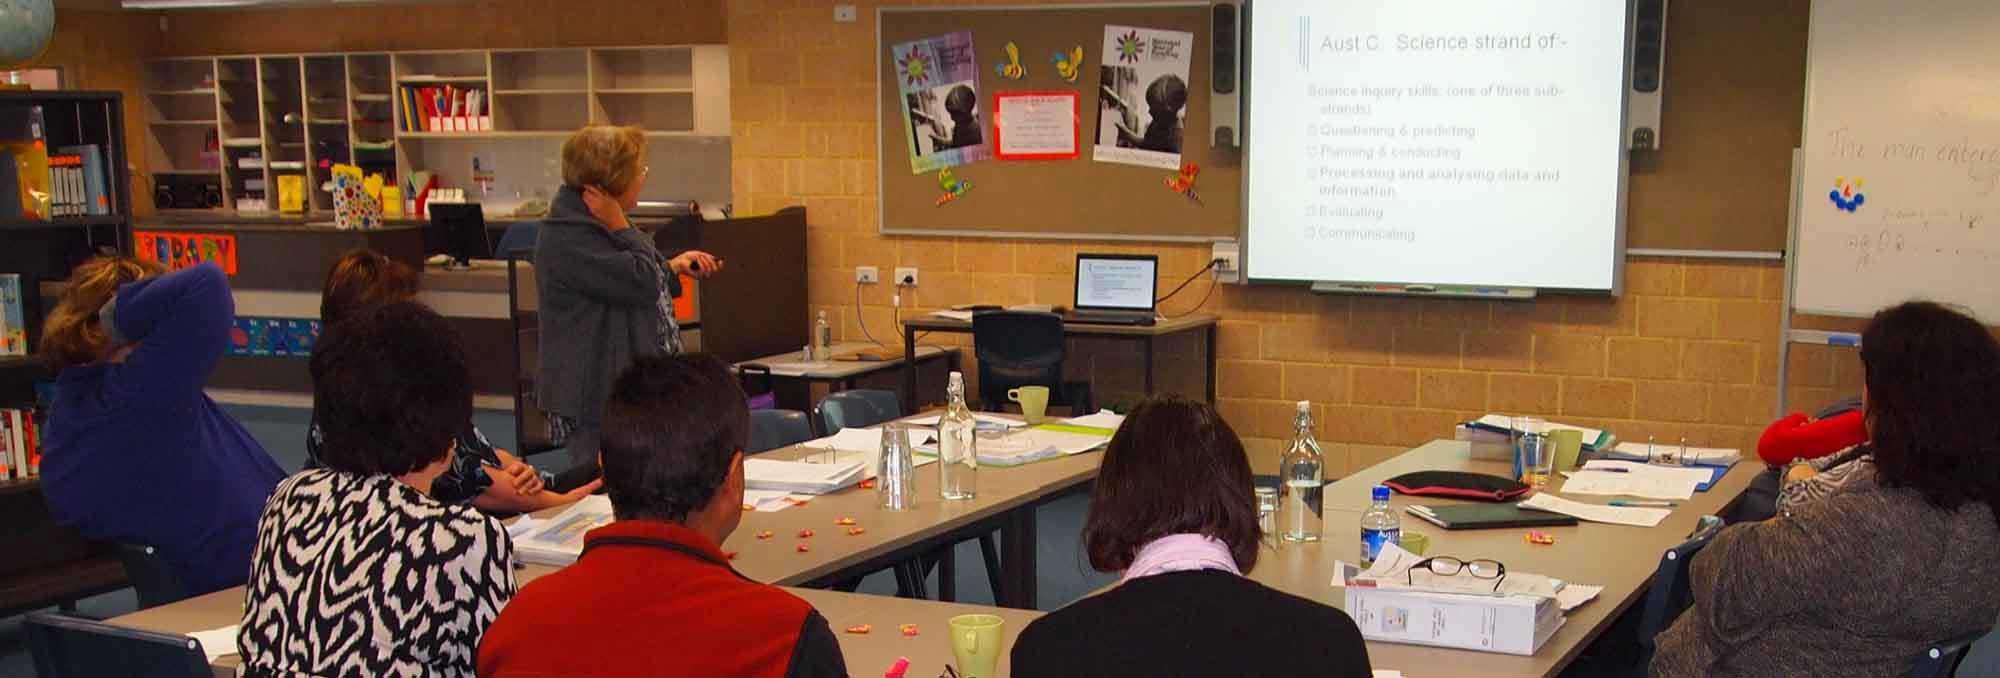 South East Metropolitan Language Development Centre